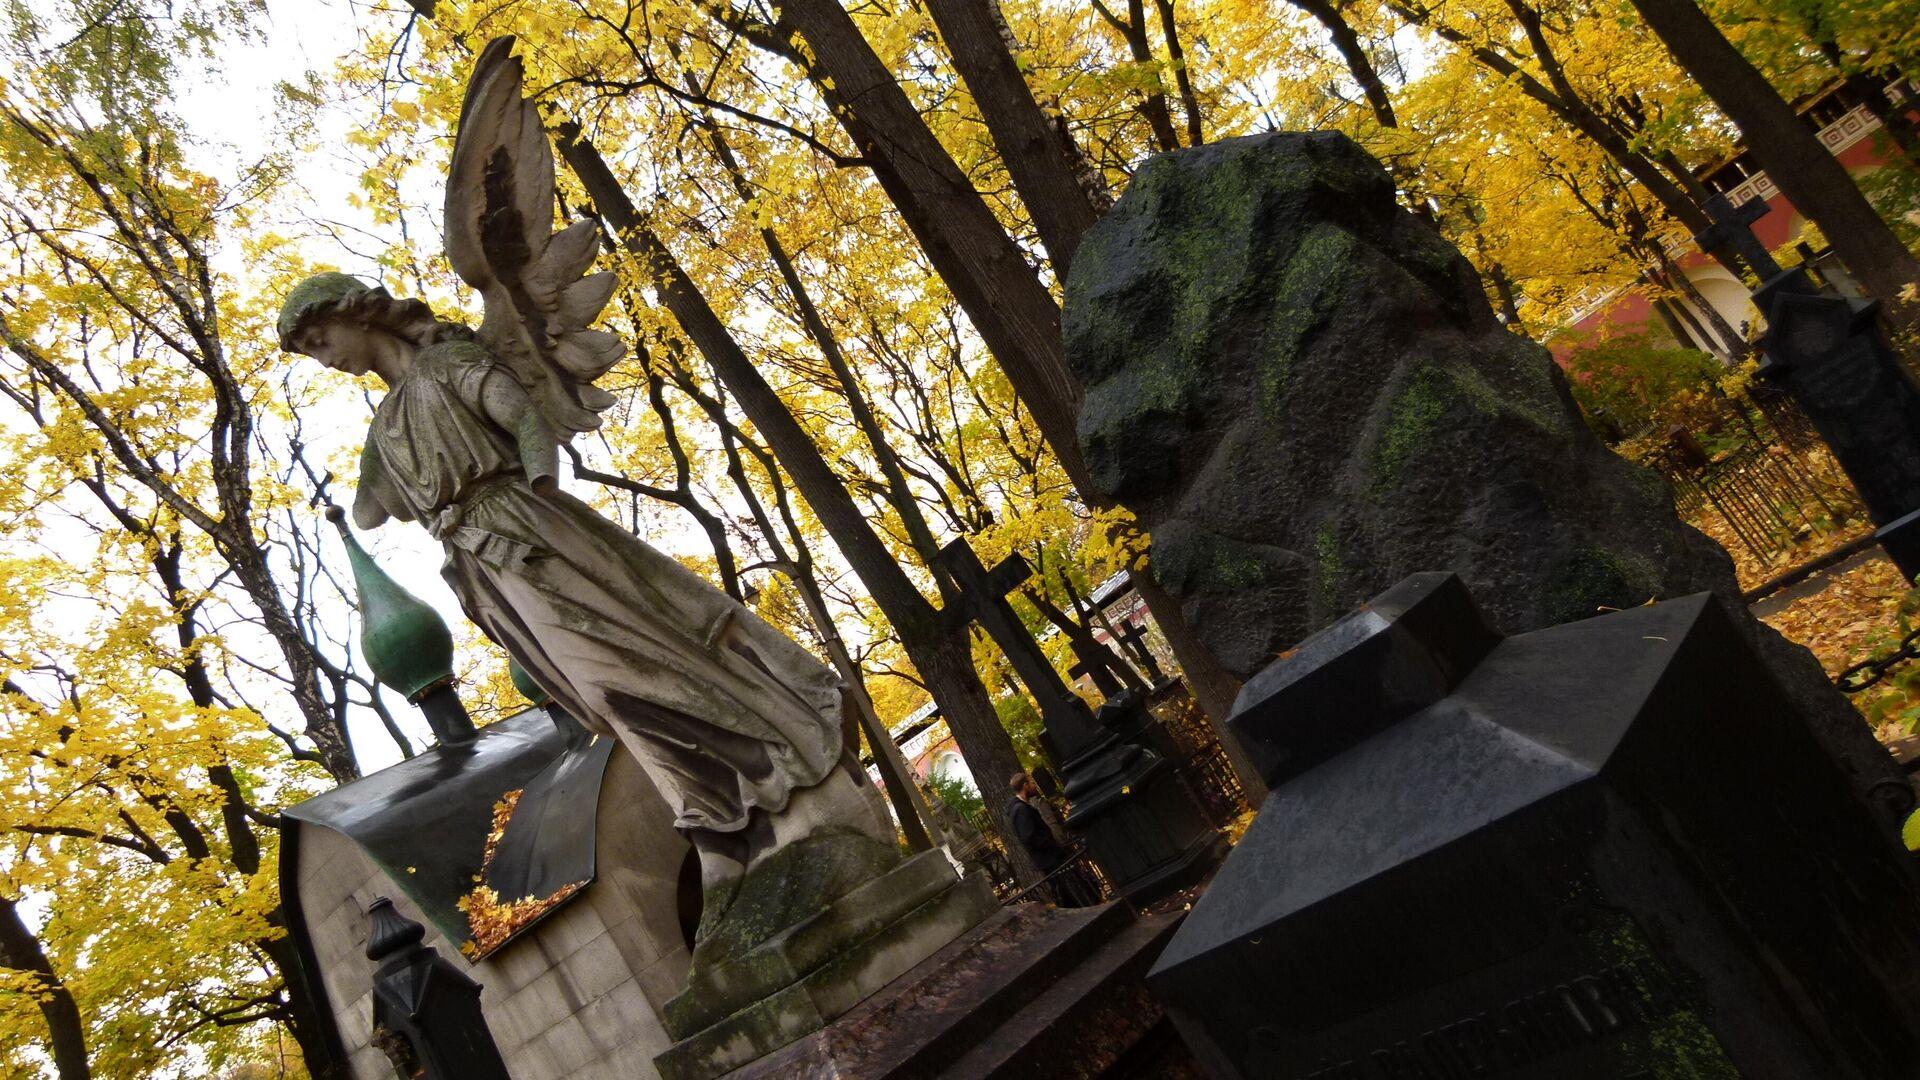 Скульптурные надгробия на кладбище Донского монастыря - РИА Новости, 1920, 23.11.2020